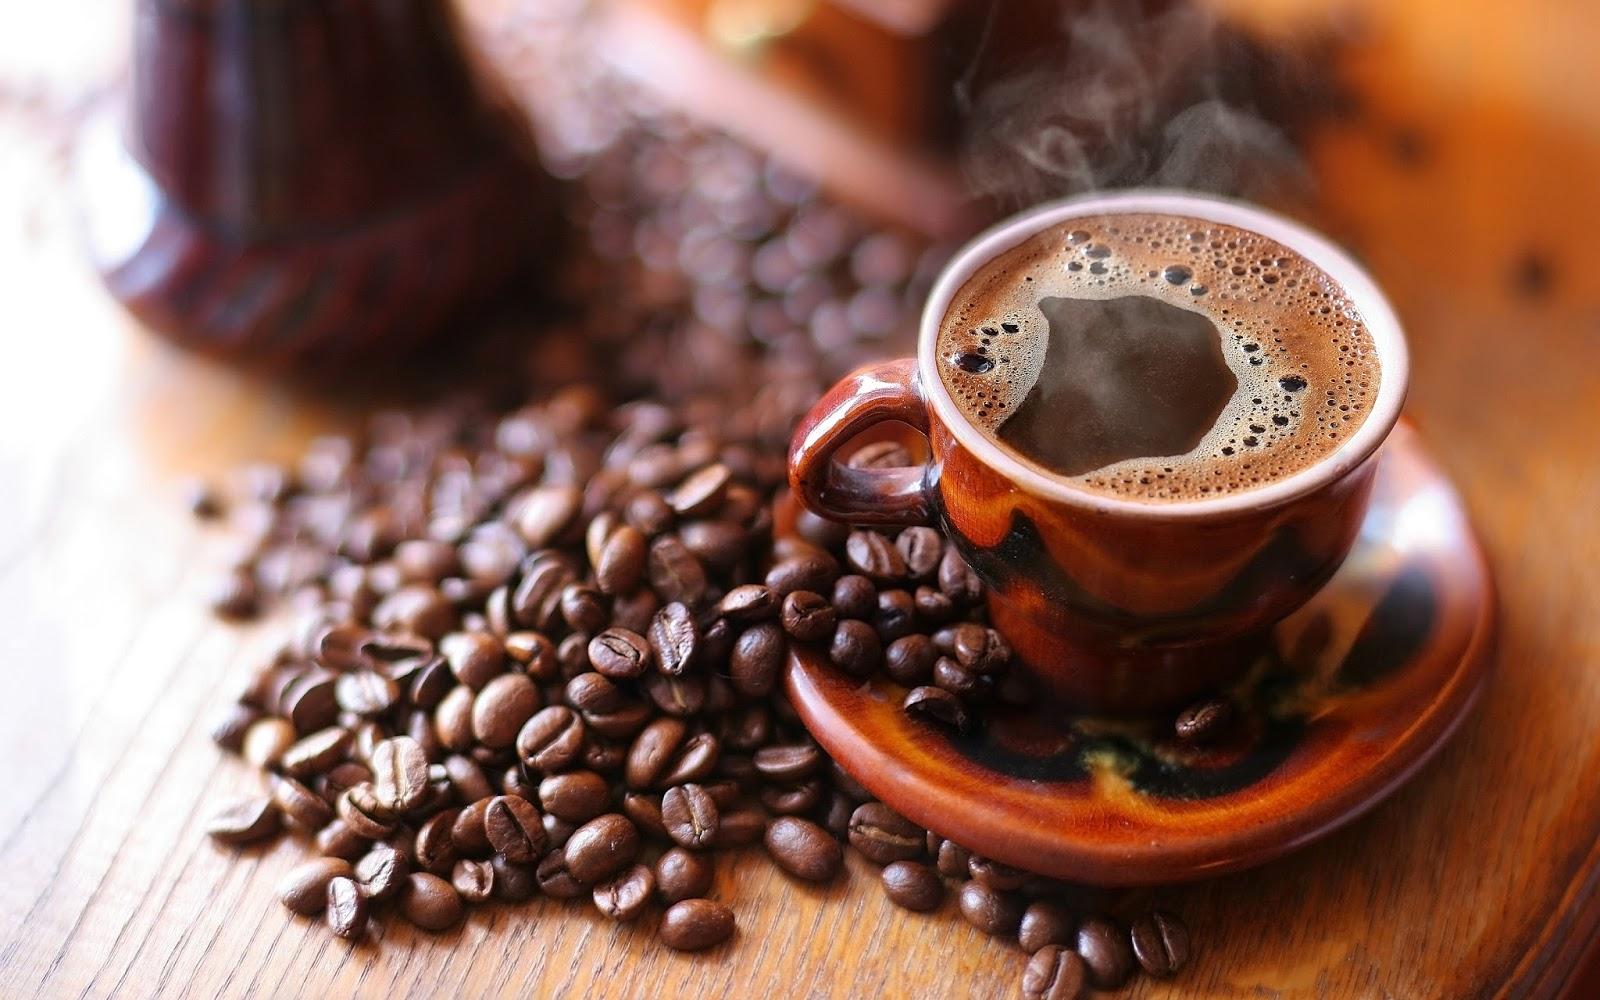 Cà phê rang xay nguyên chất và cách phân biệt chúng có thể bạn chưa biết?